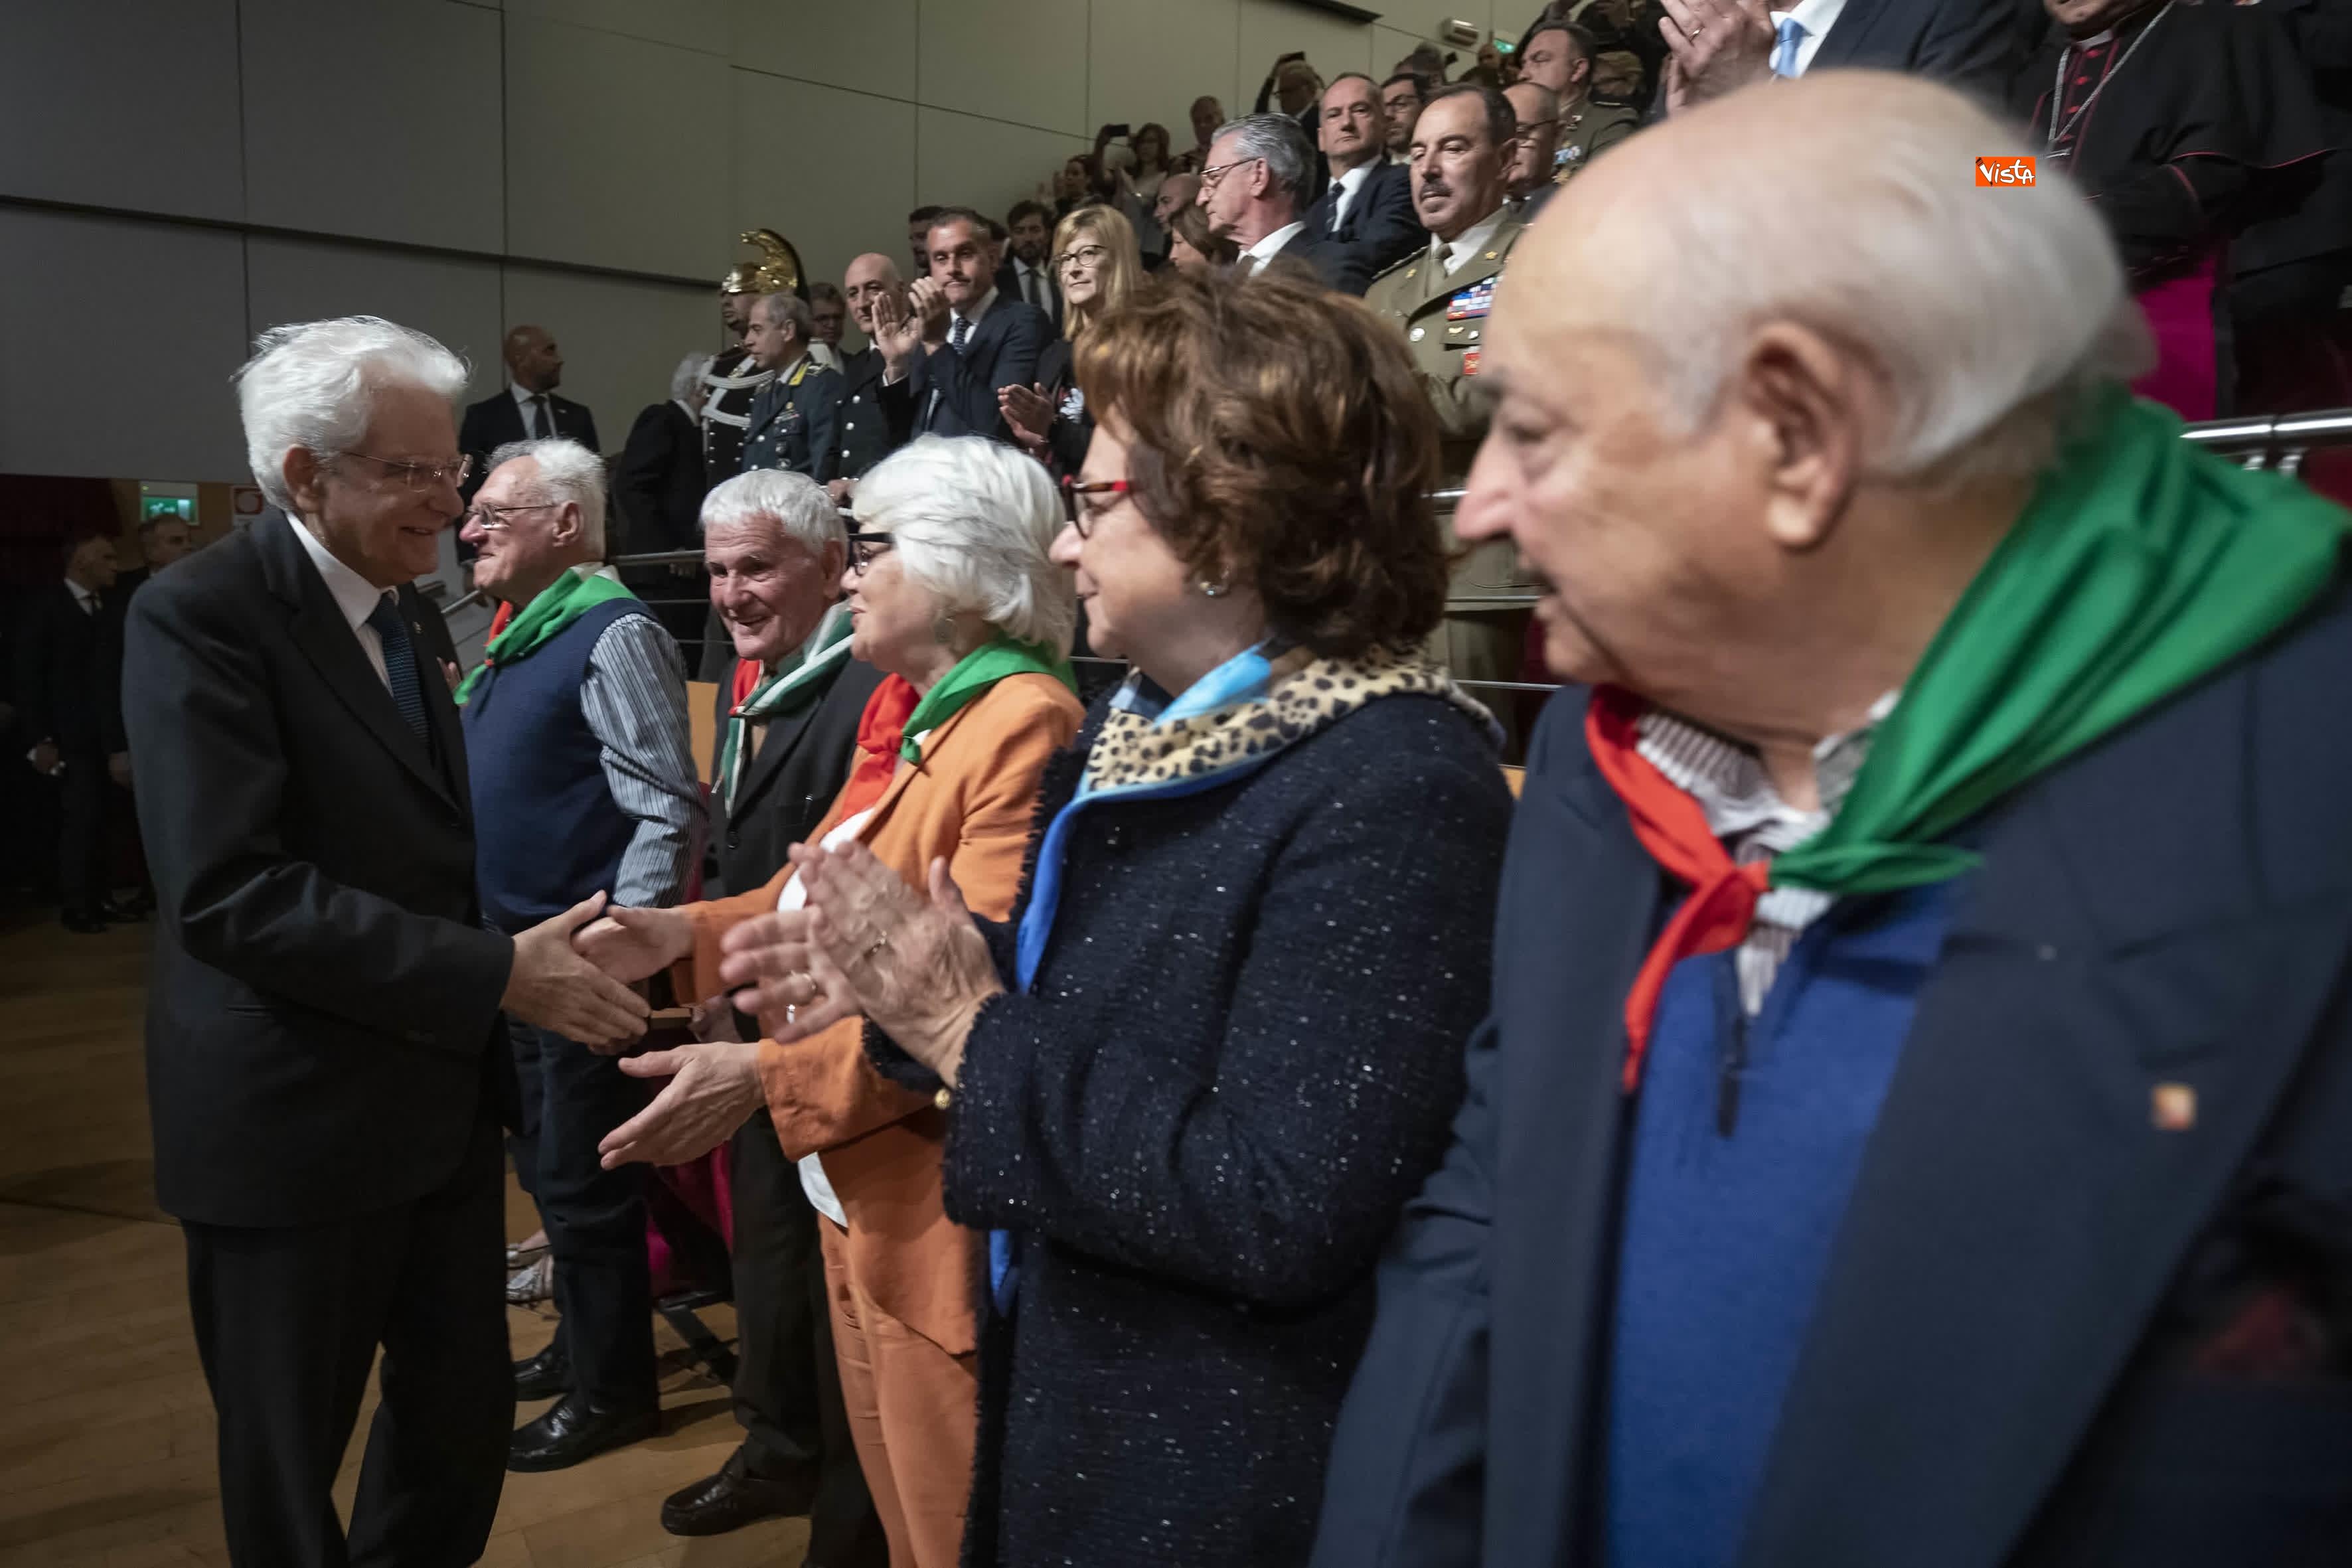 25-04-19 25 Aprile, Mattarella alla Cerimonia in occasione del 74 Anniversario della Liberazione a Vittorio Veneto_03